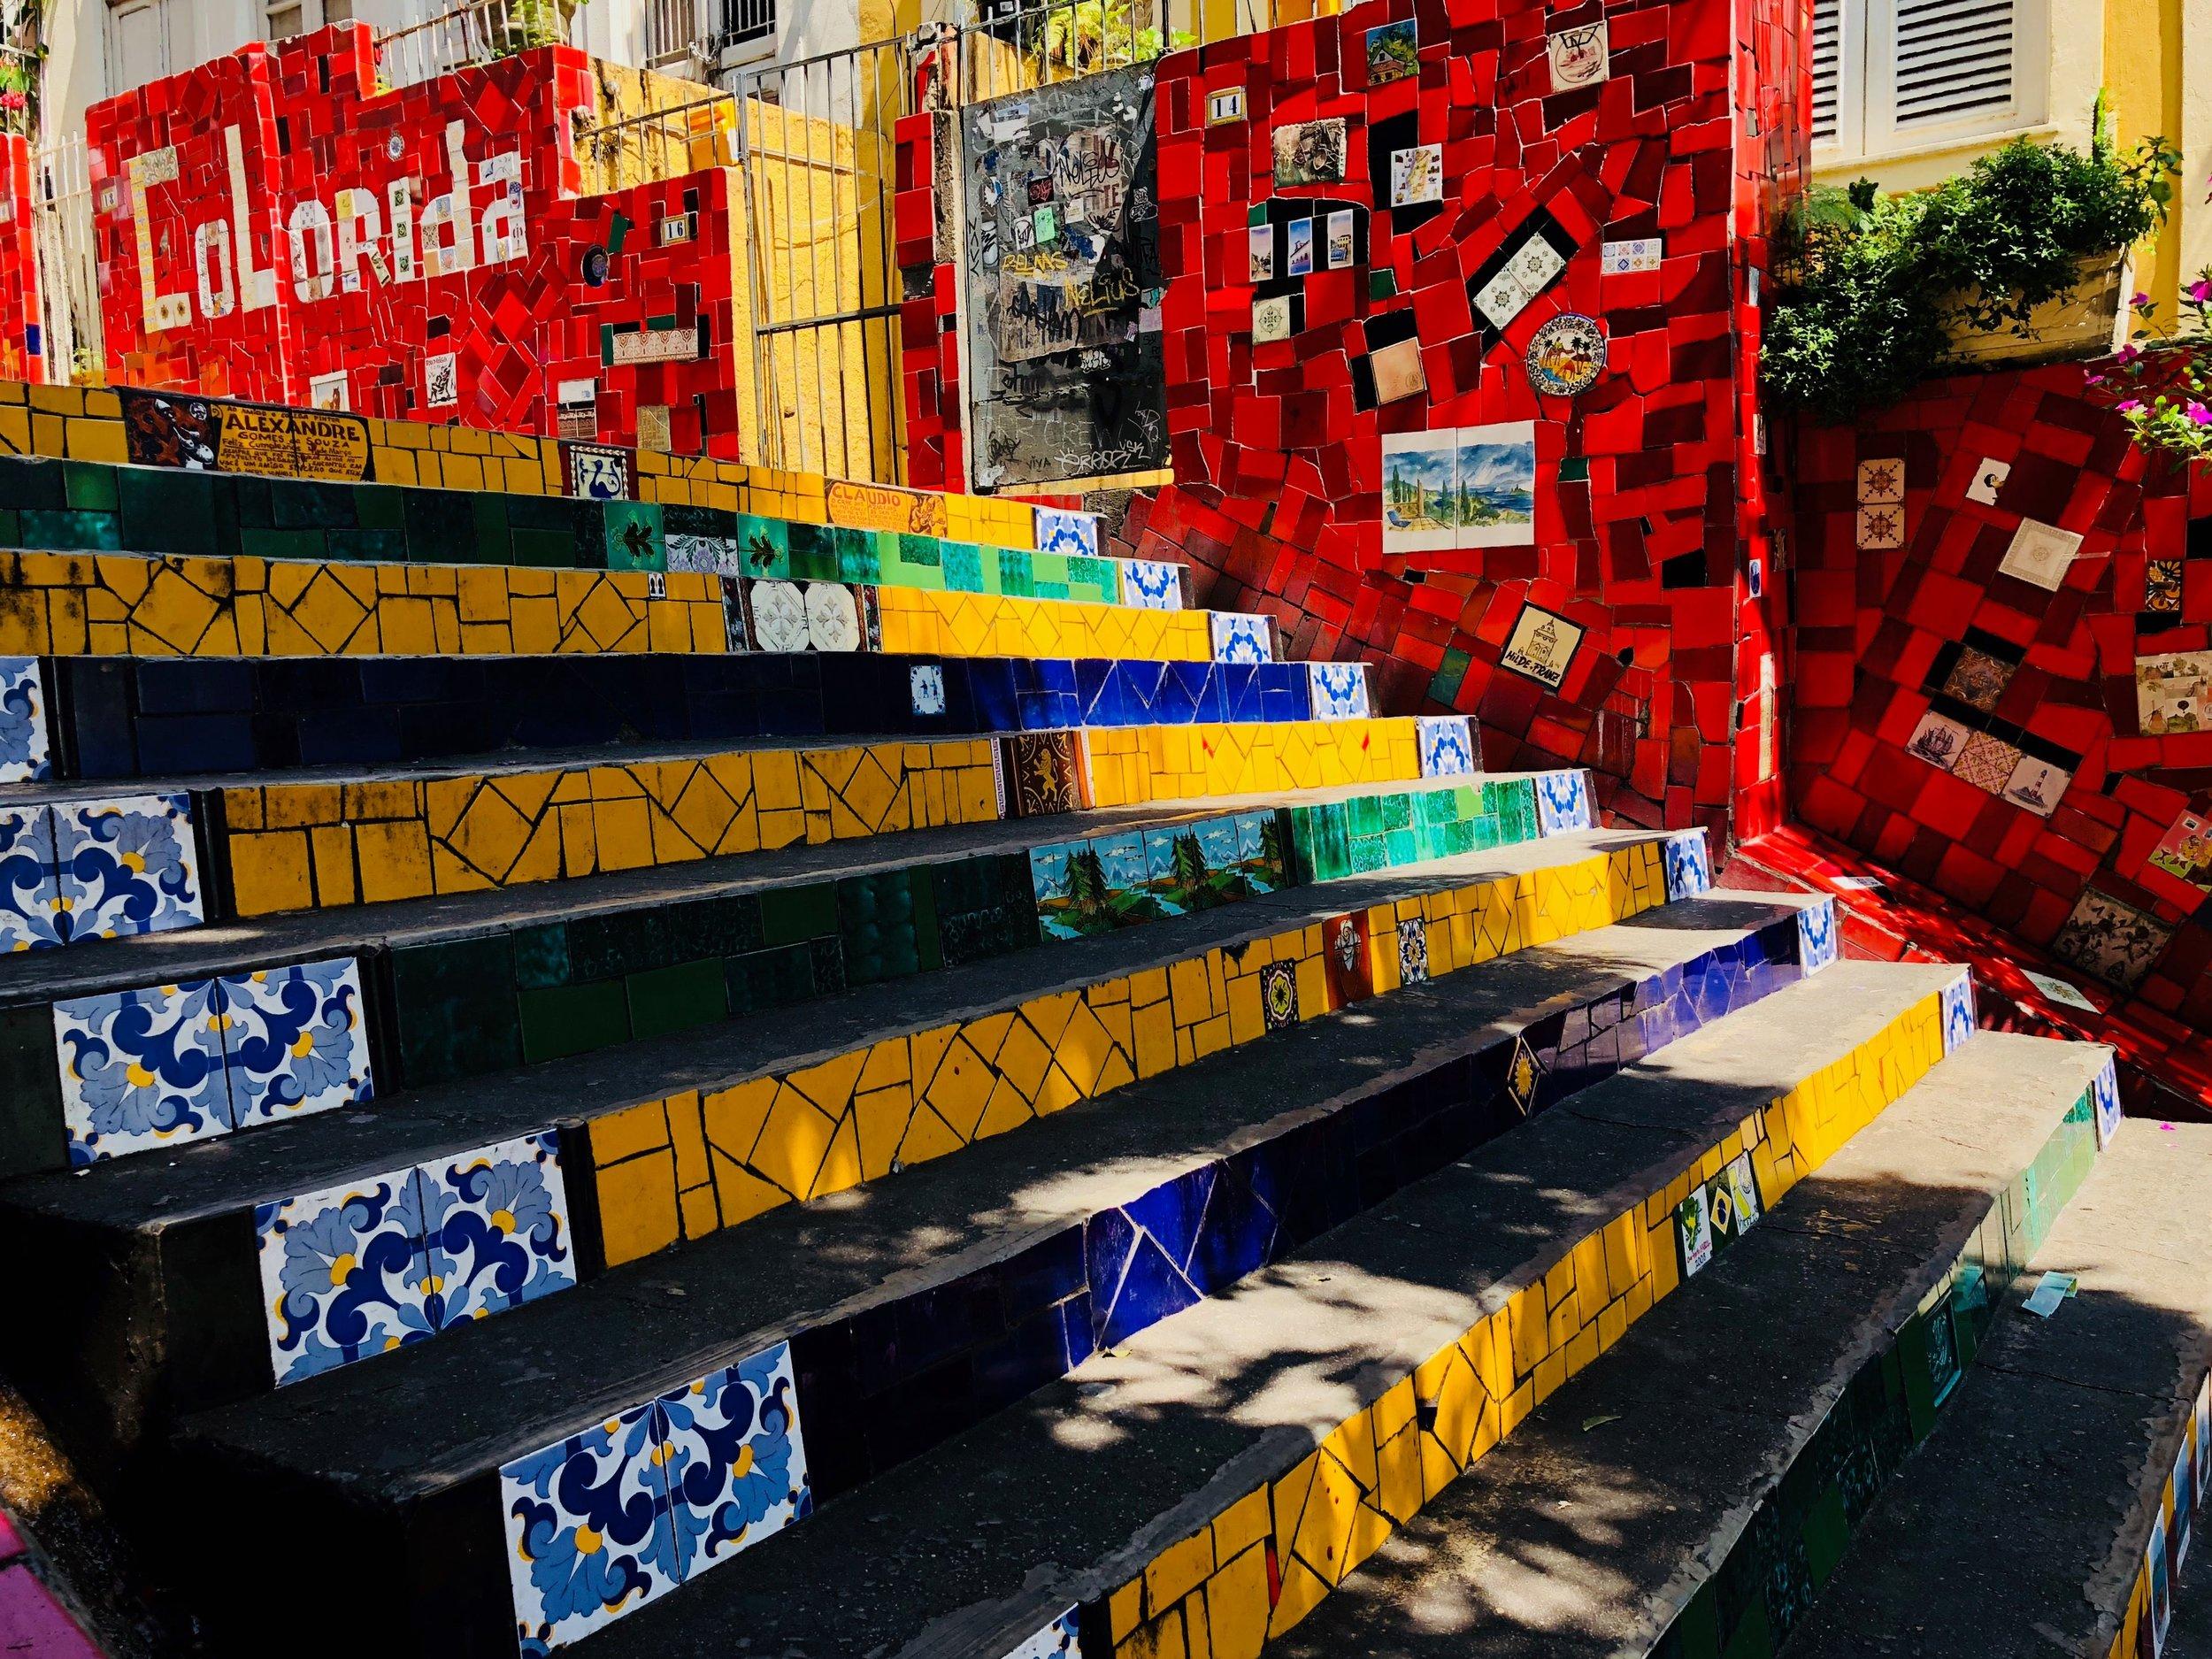 Escadaria Selarón, the famous tile steps - Rio